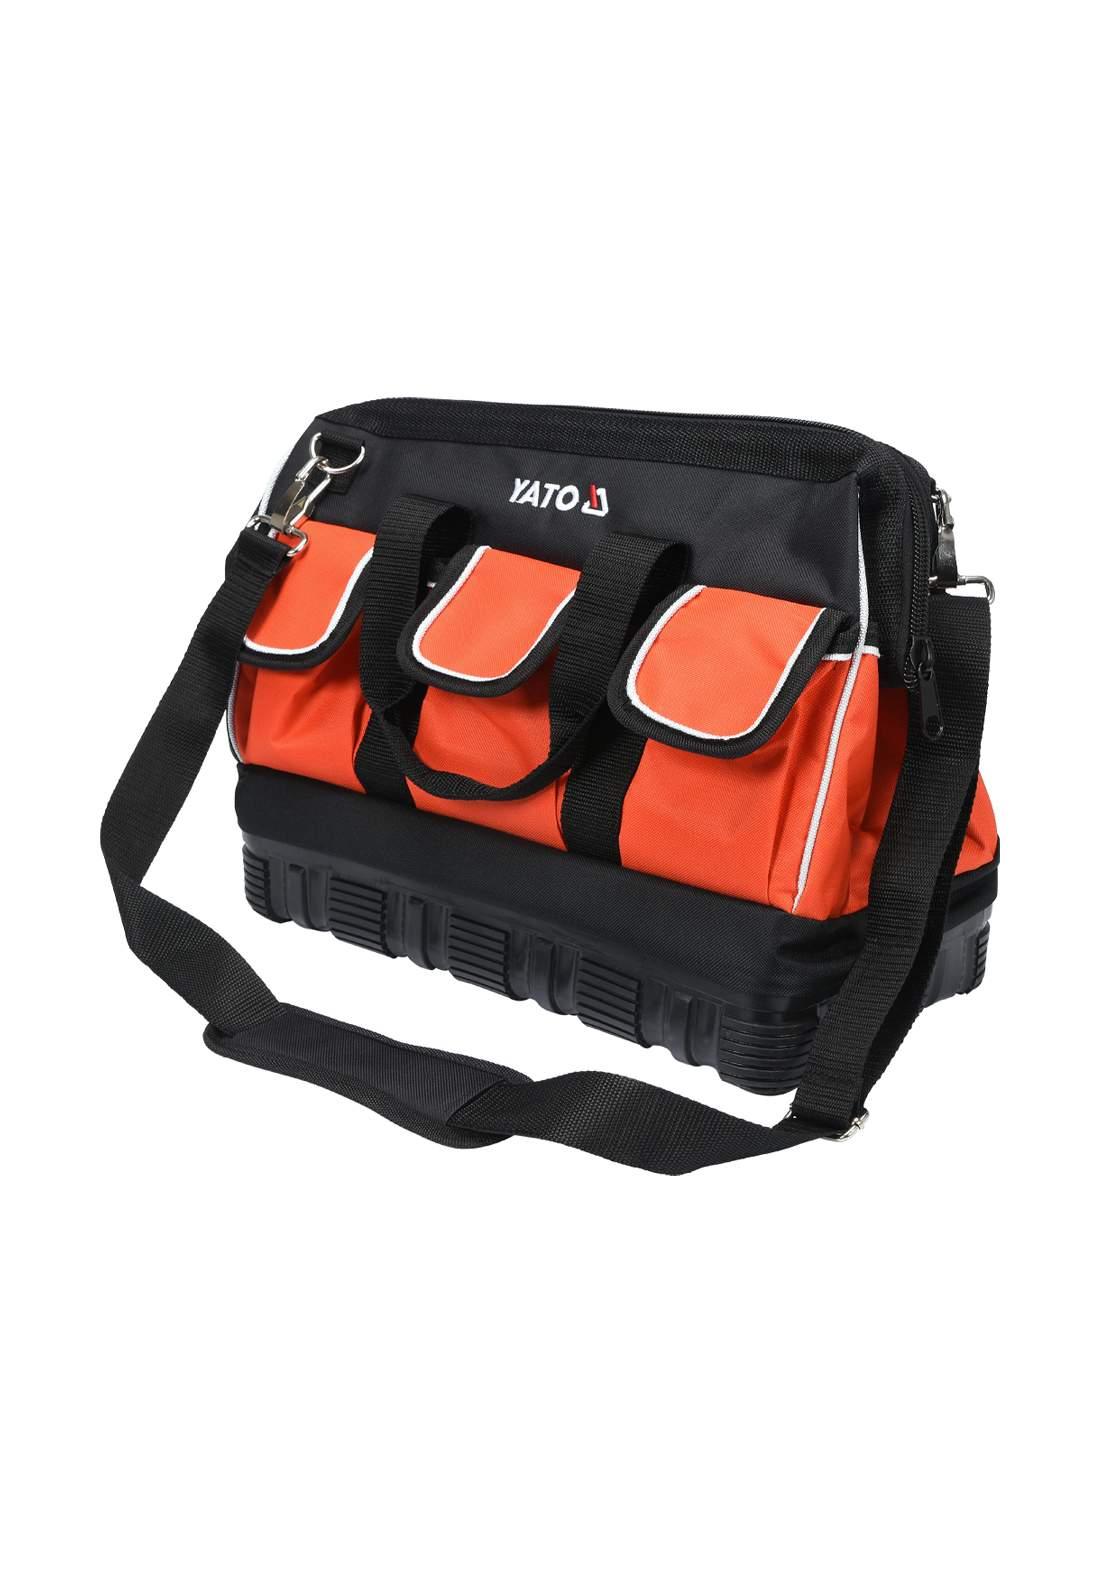 Yato Yt-74361 Tools Bag 15 Pockets حقيبة حمل العدد